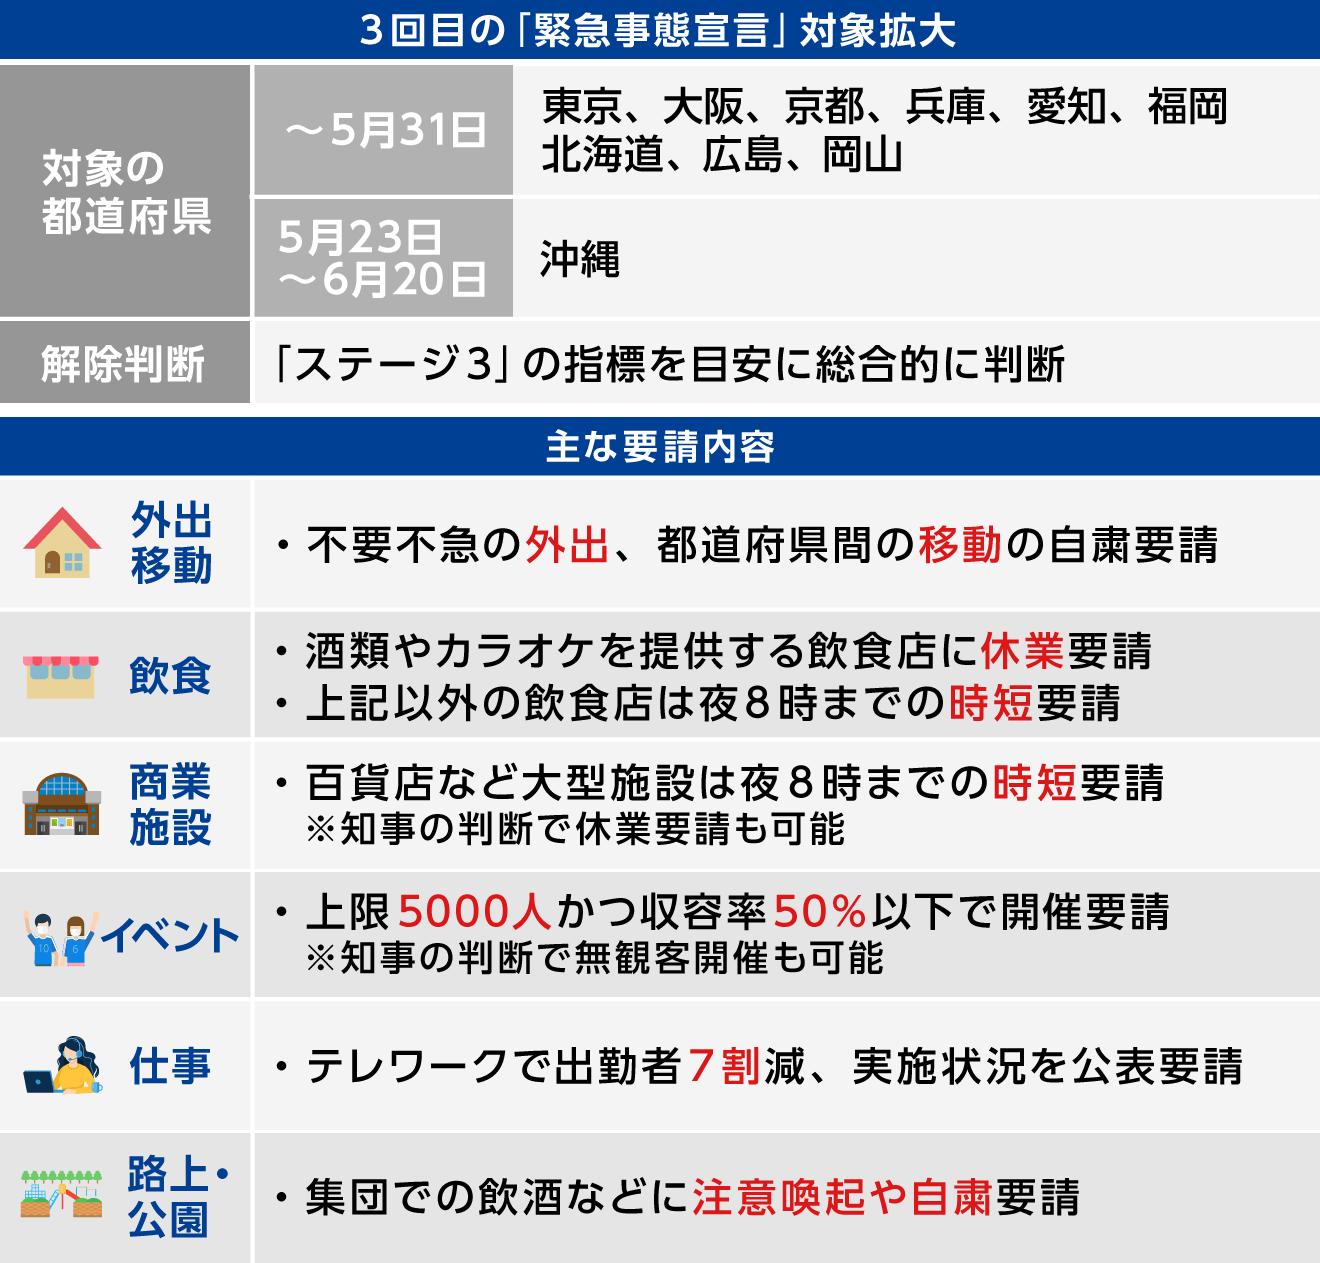 今日 の 大阪 の コロナ 感染 者 数